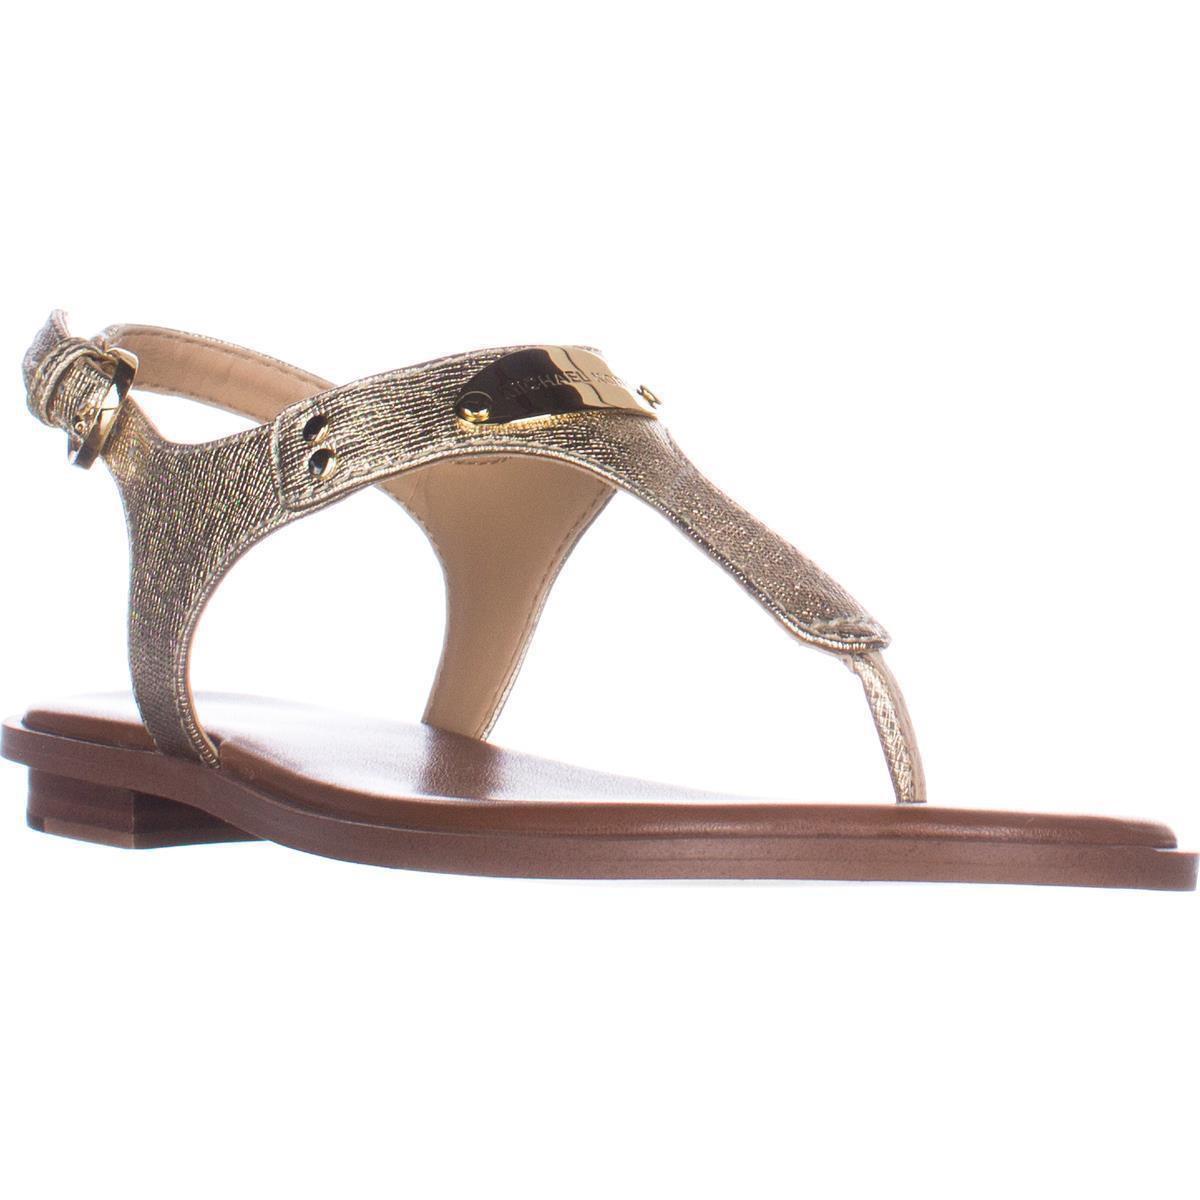 91411bfb4c14 Lyst - Michael Kors Plate Thong Logo Thong Flat Sandals in Metallic